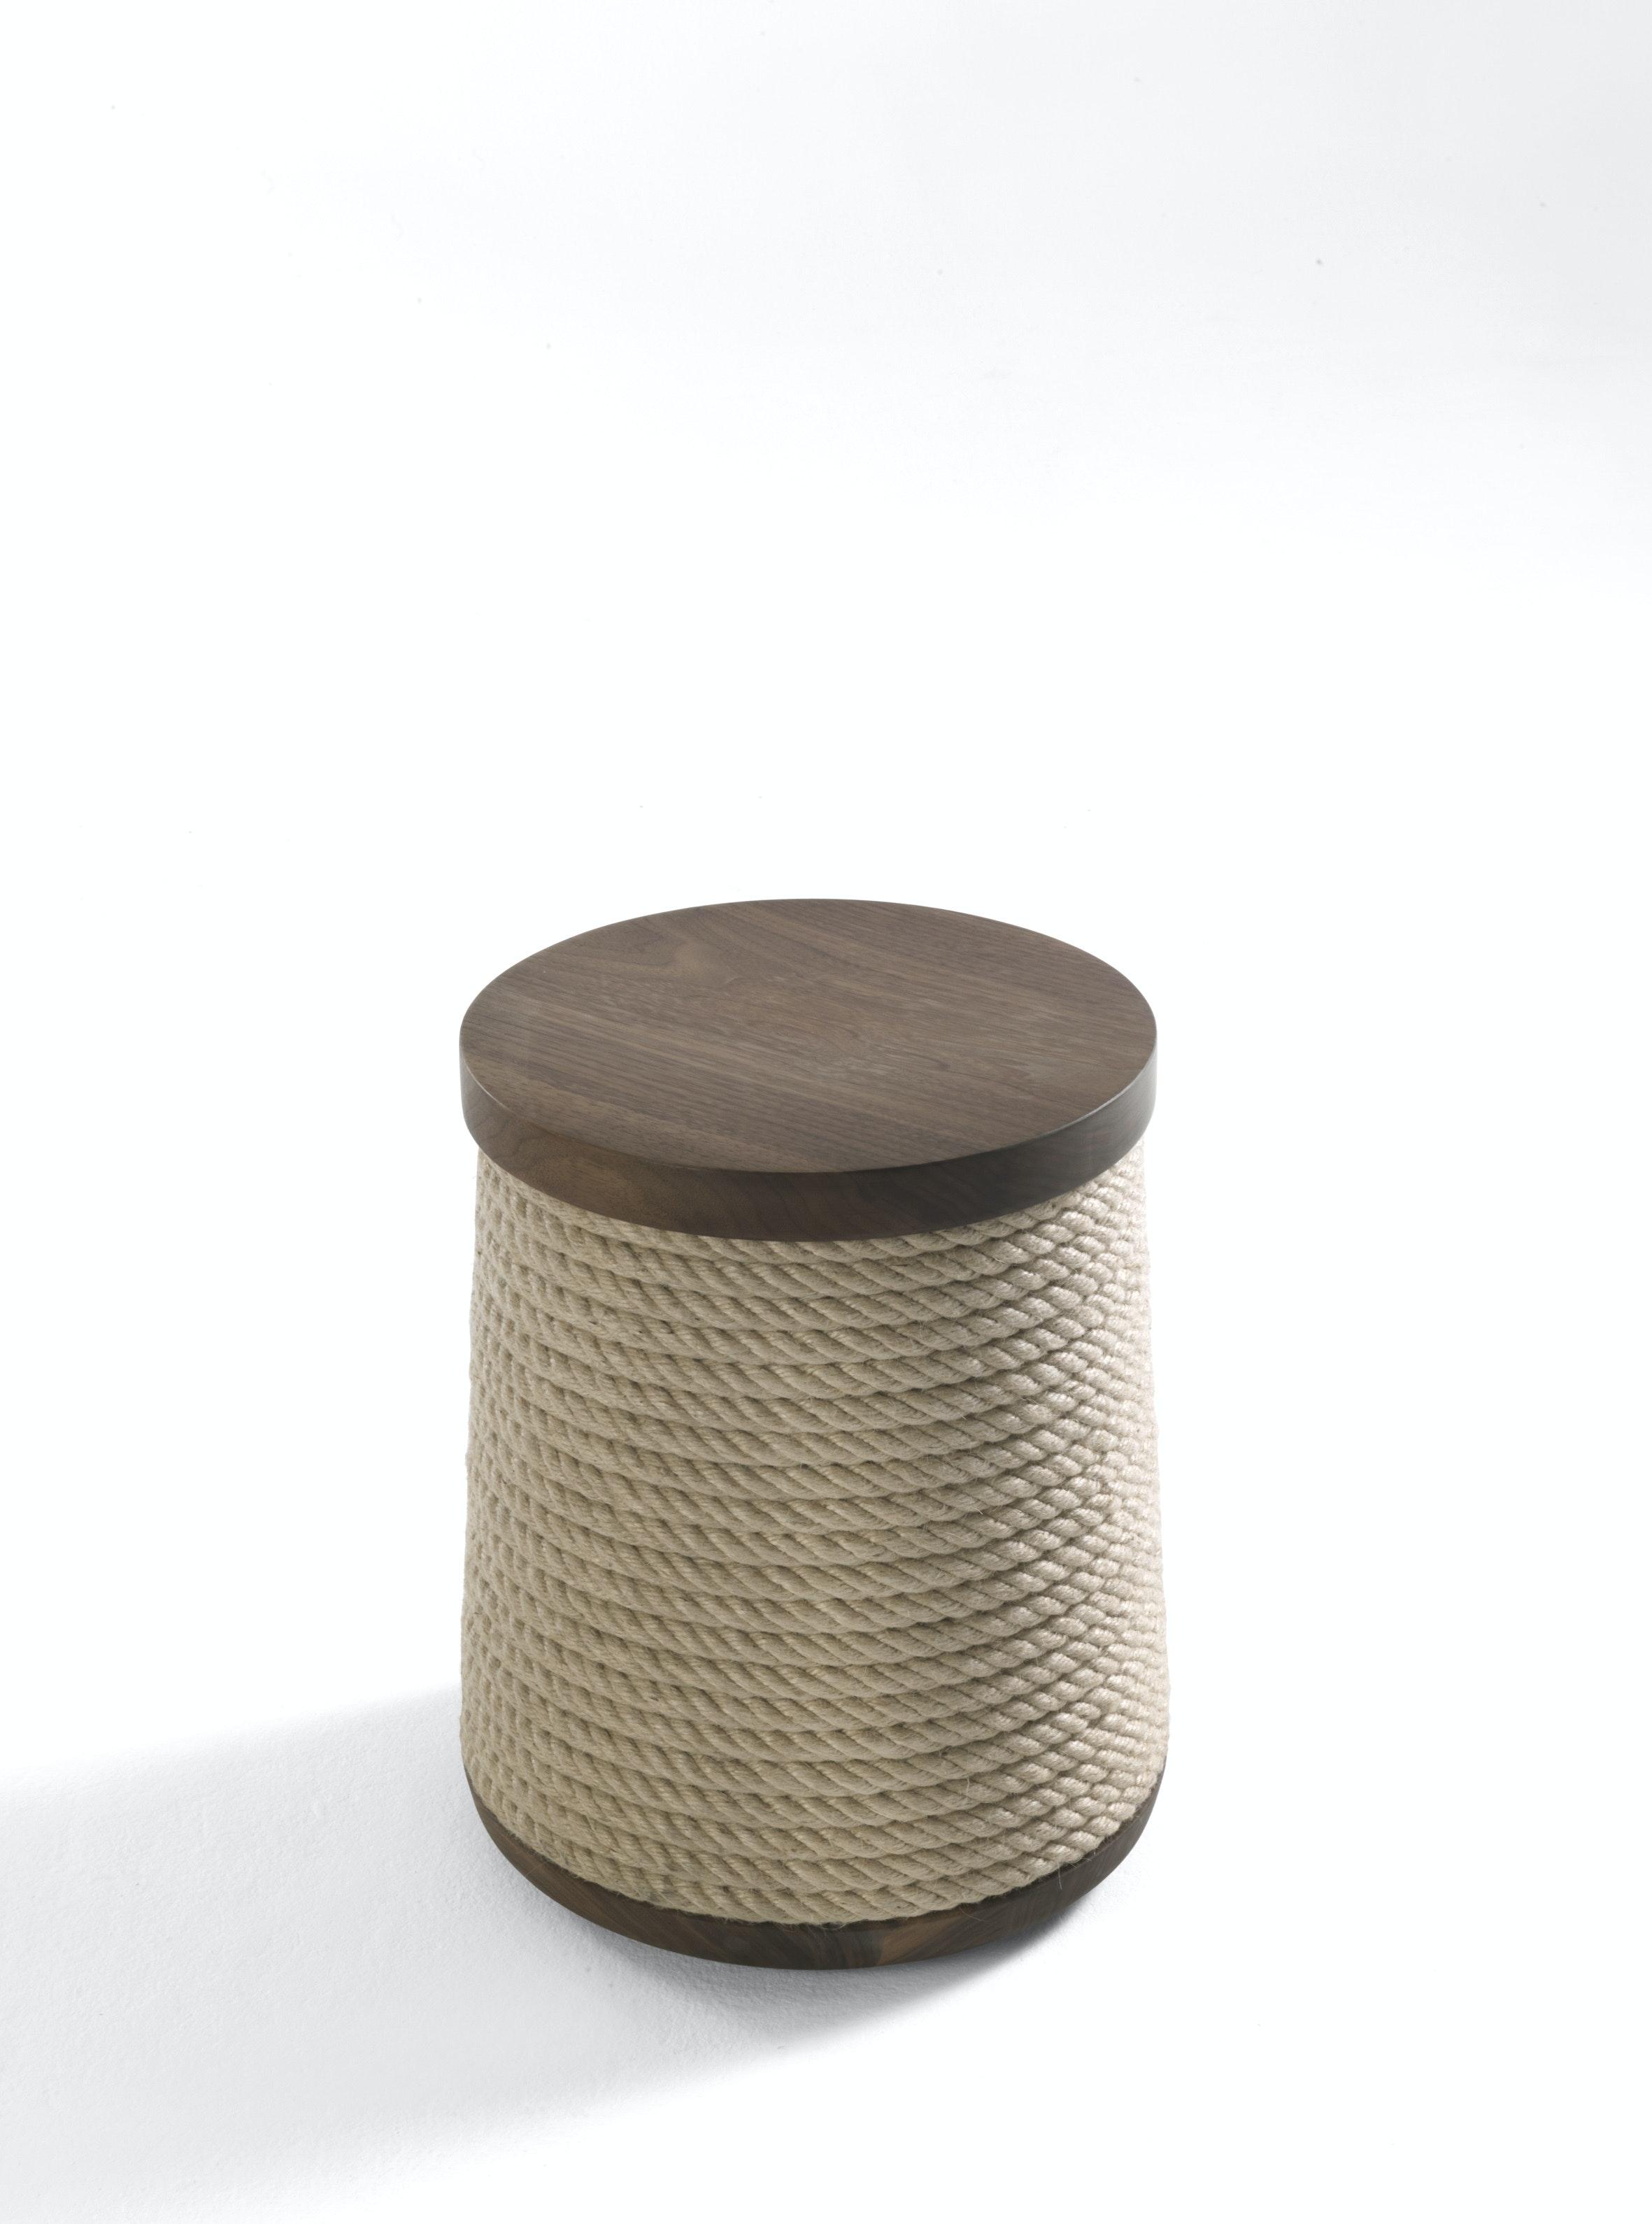 Rope Stool Jamie Durie Noc 01